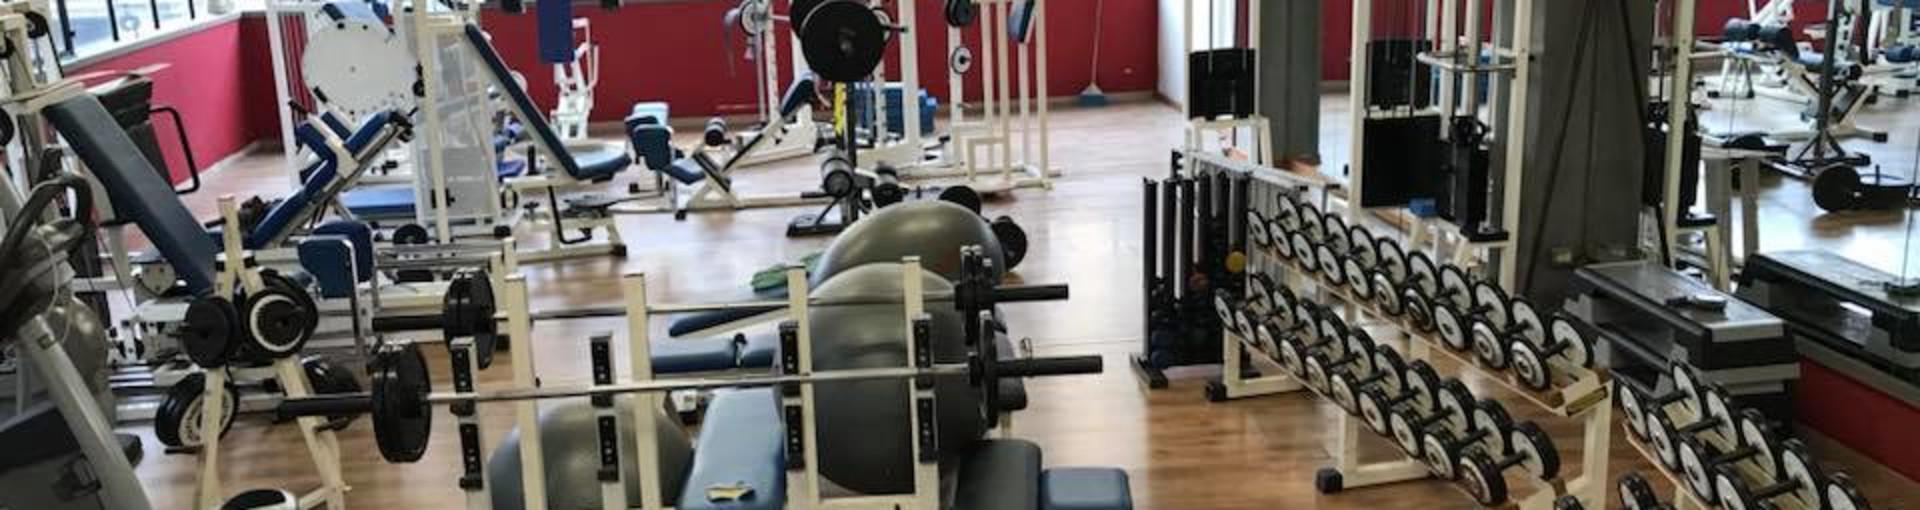 Neptune Gym  - Bologna